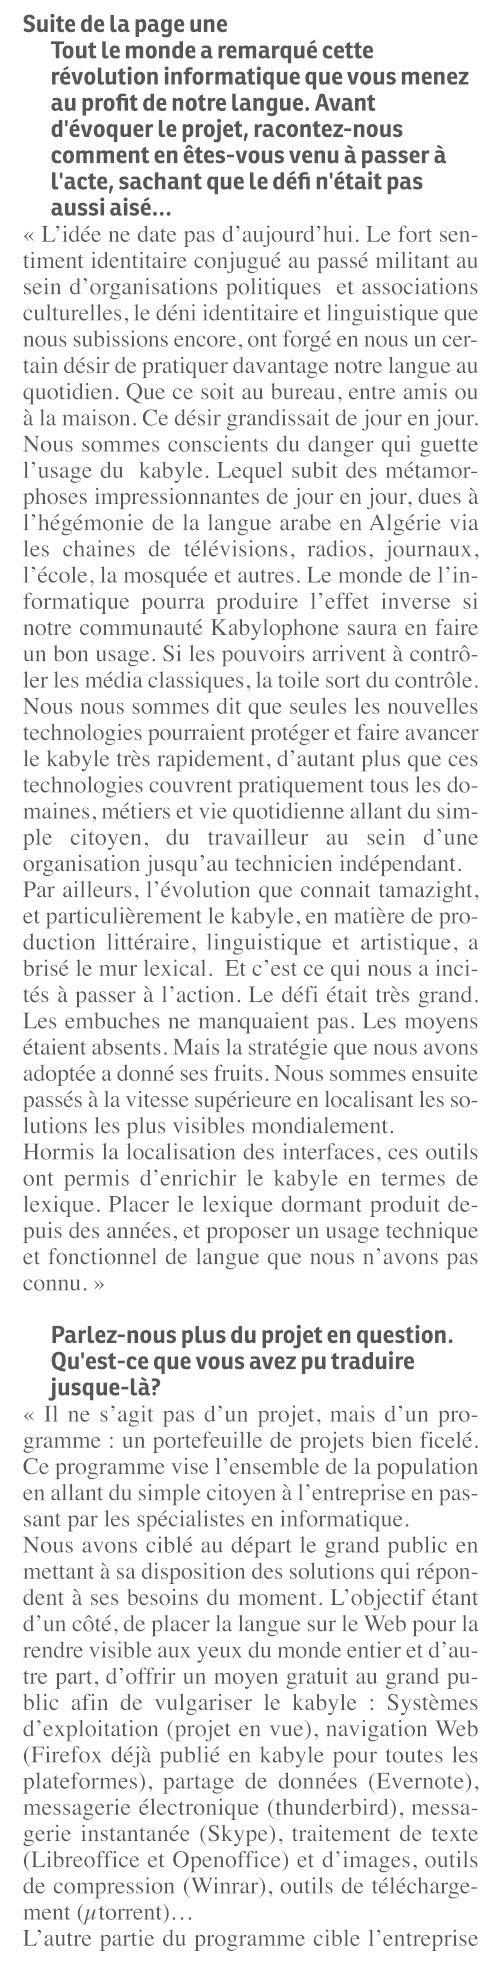 L'informaticien Mohamed Belkacem à  La Cité  «Cet outil amazigh ne vit pas sans le soutien kabyle» Bel113